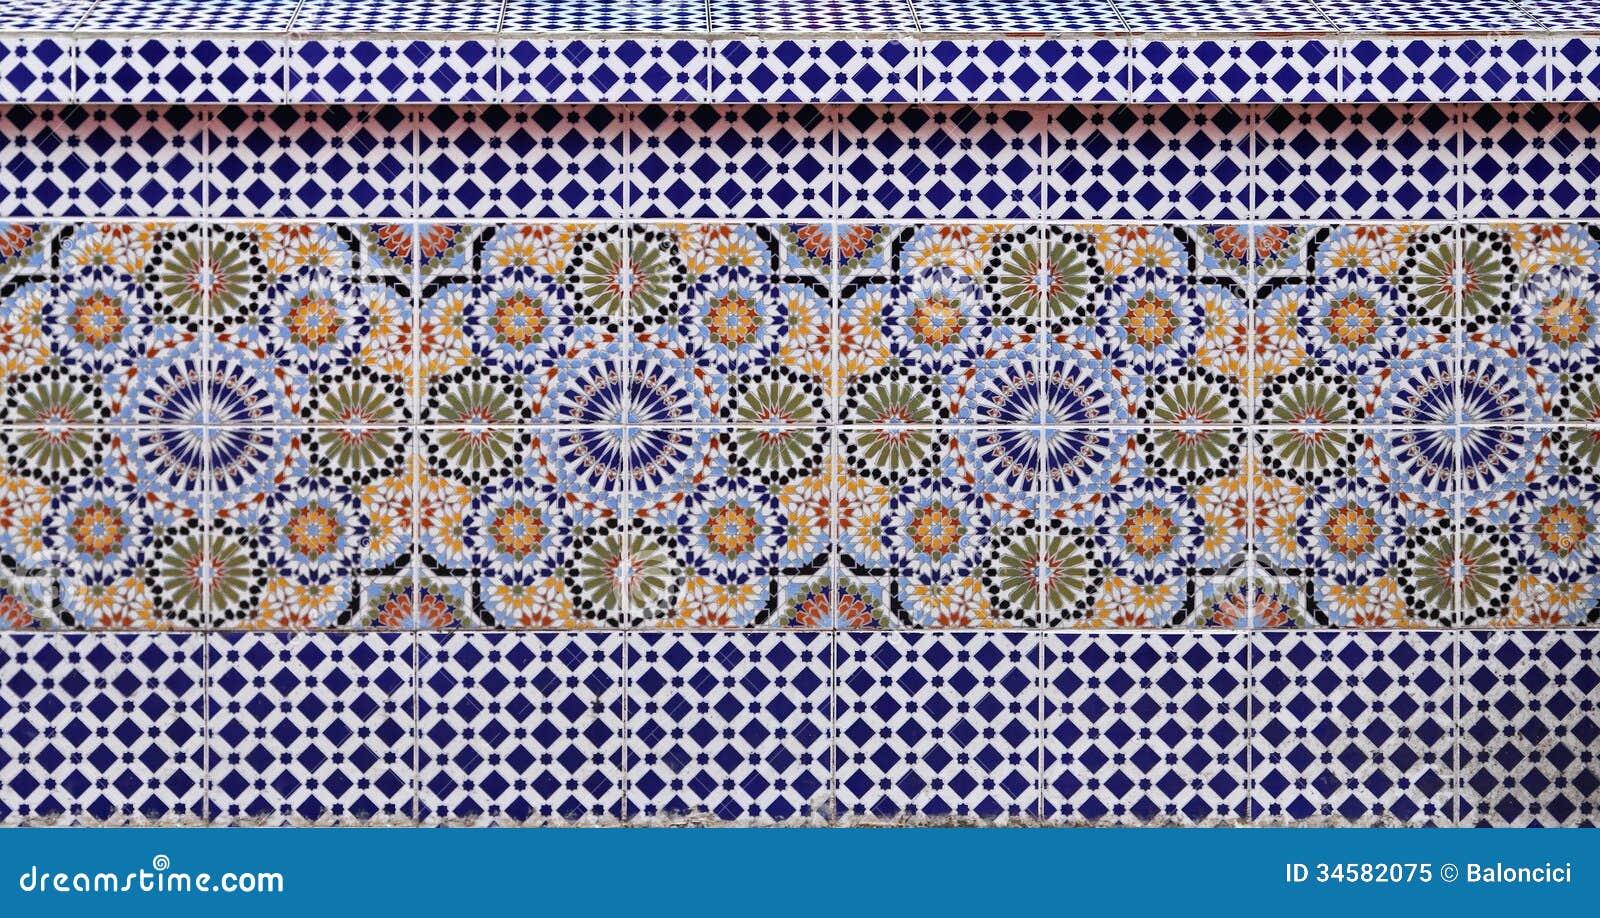 Marokkaanse tegels royalty vrije stock foto afbeelding 34582075 - Oosterse tegels ...